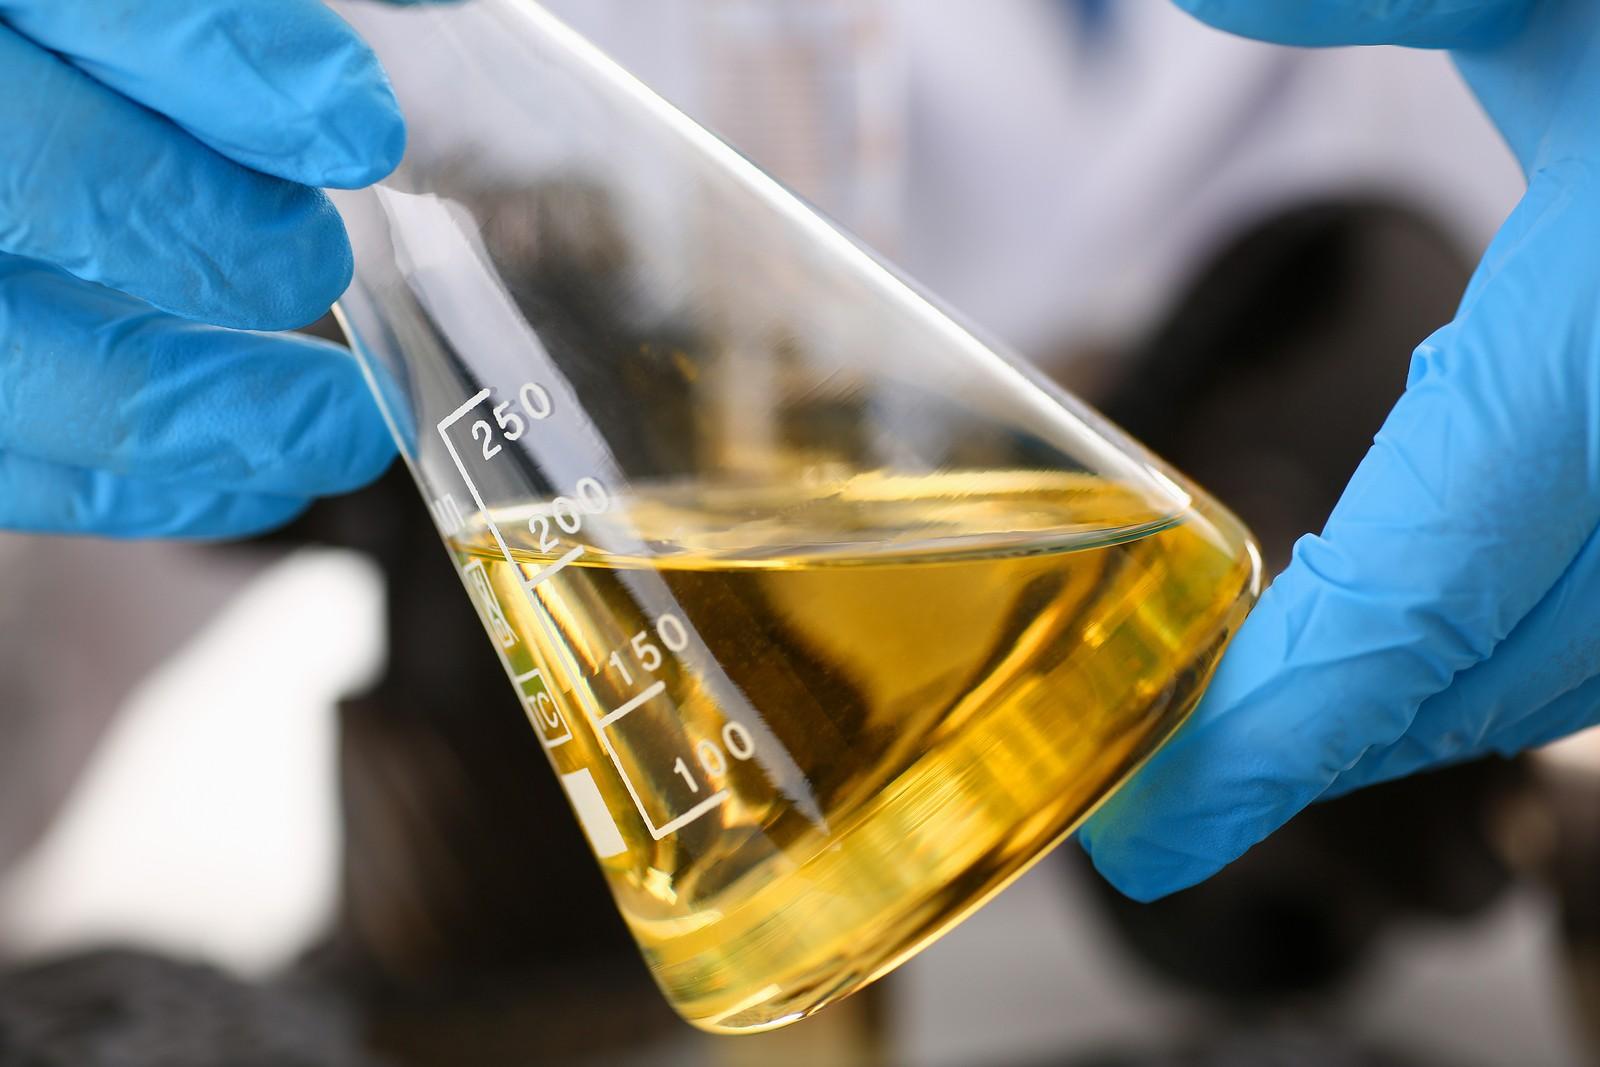 USDA ước tính sử dụng dầu đậu tương cho nhiên liệu sinh học vào năm 2021/22 đạt 5,4 tỷ kg